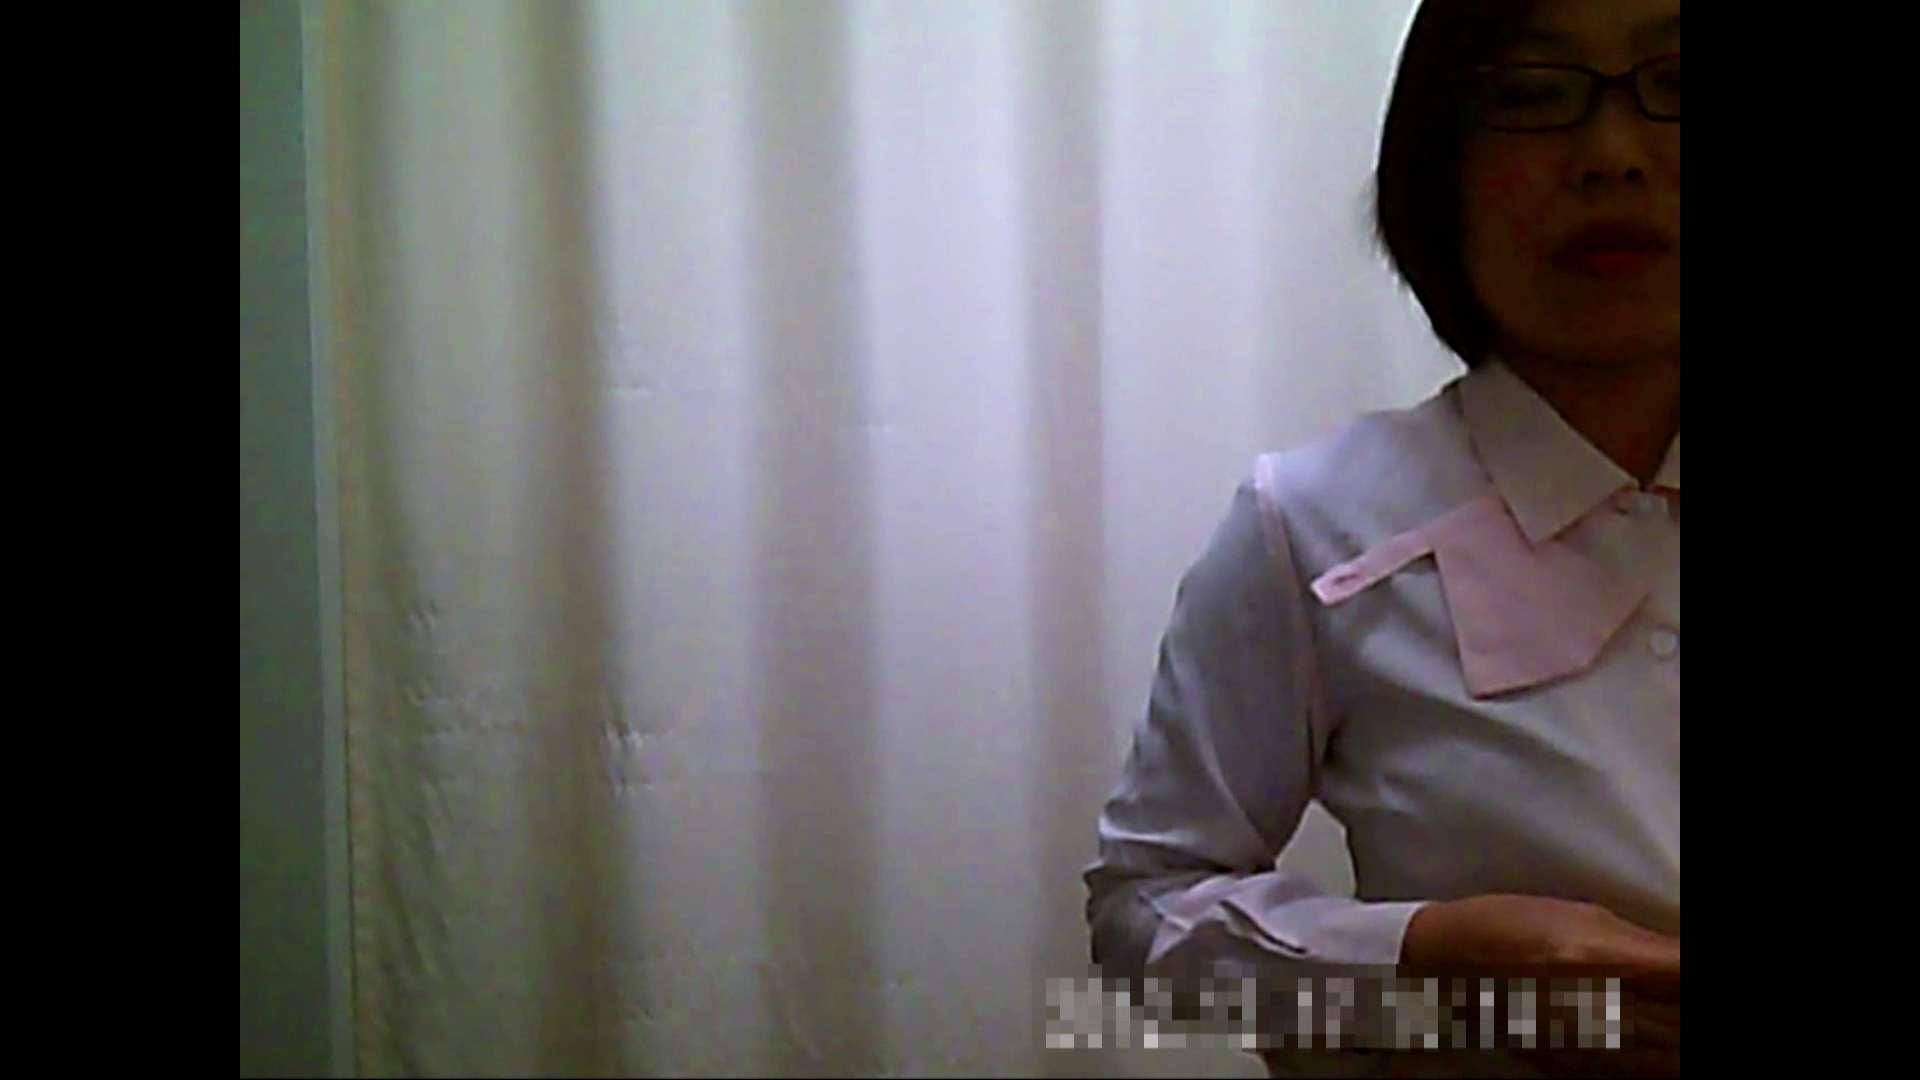 元医者による反抗 更衣室地獄絵巻 vol.117 OL  102pic 92